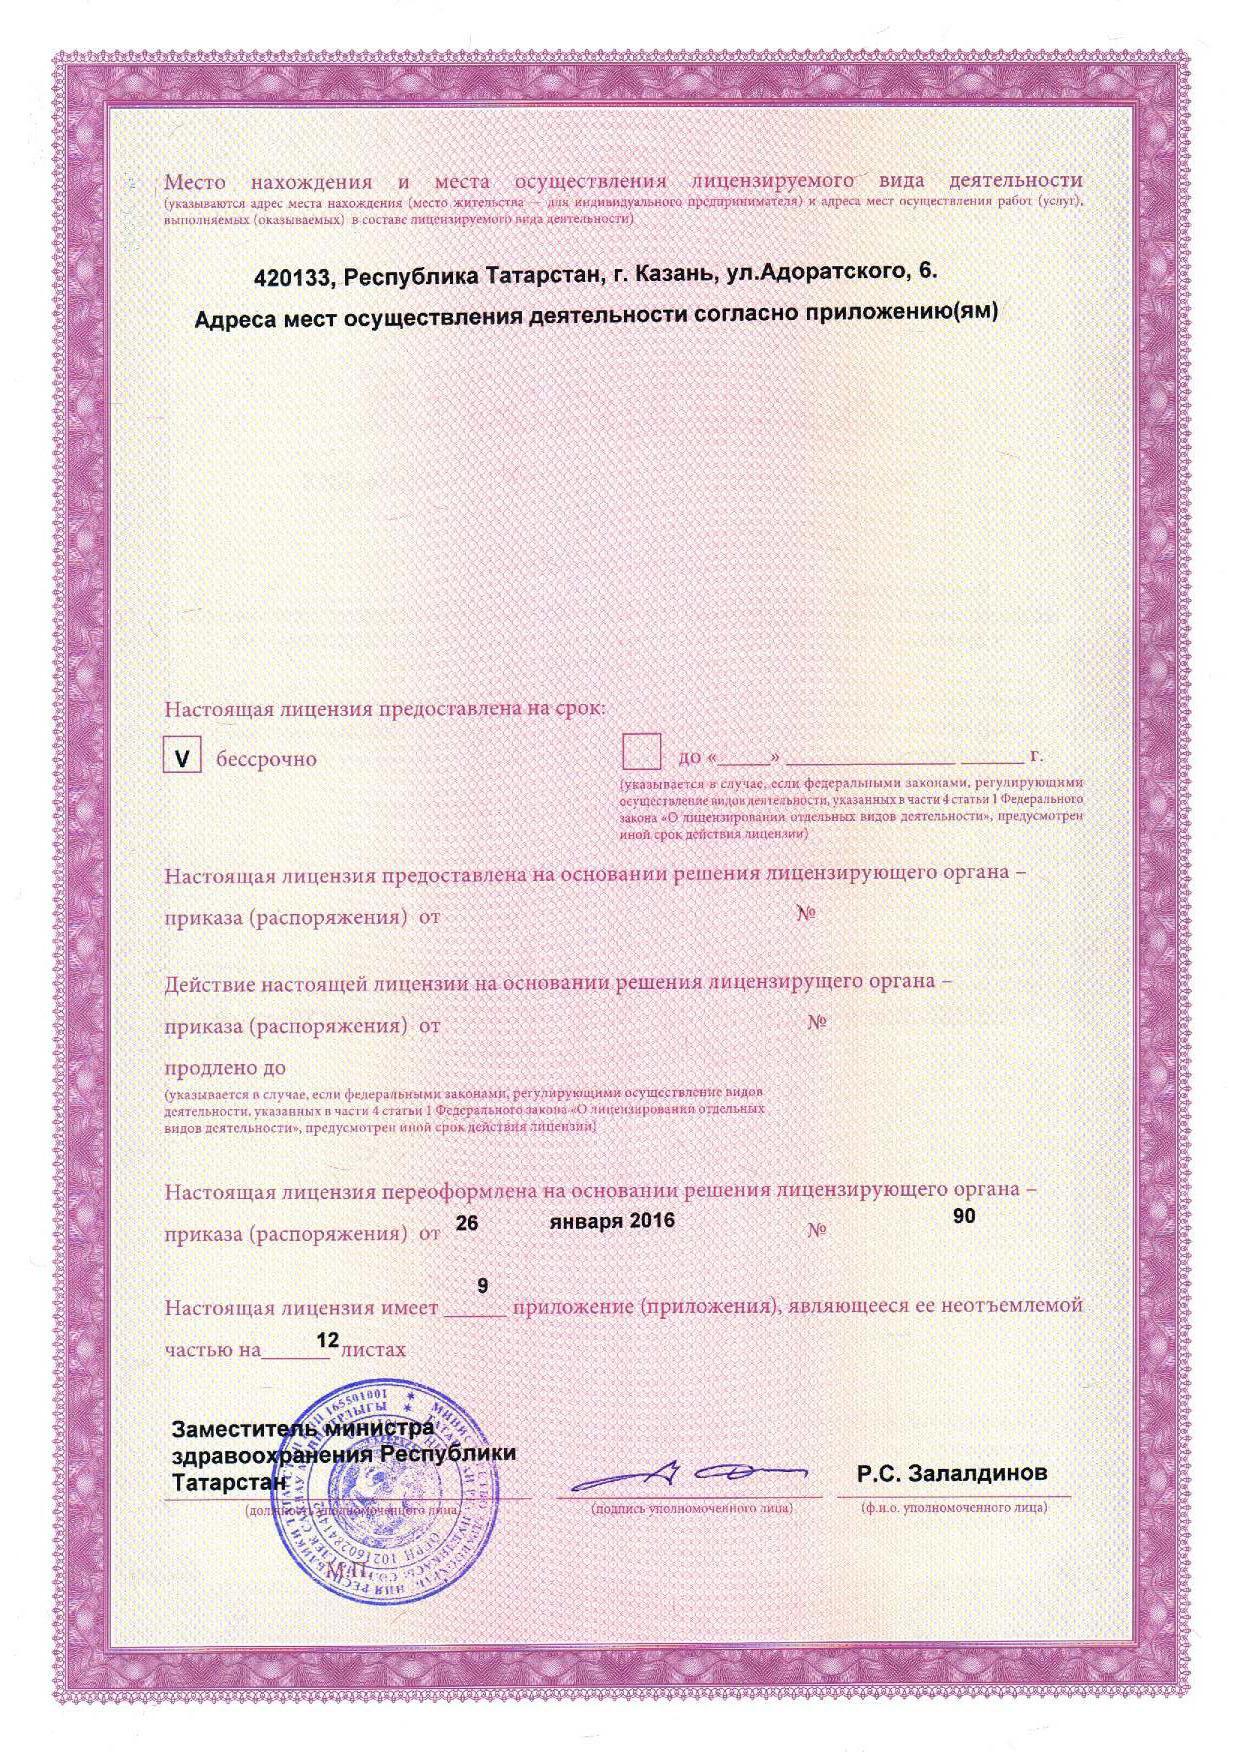 бланк заявления на прикрепление к поликлинике 61 москва